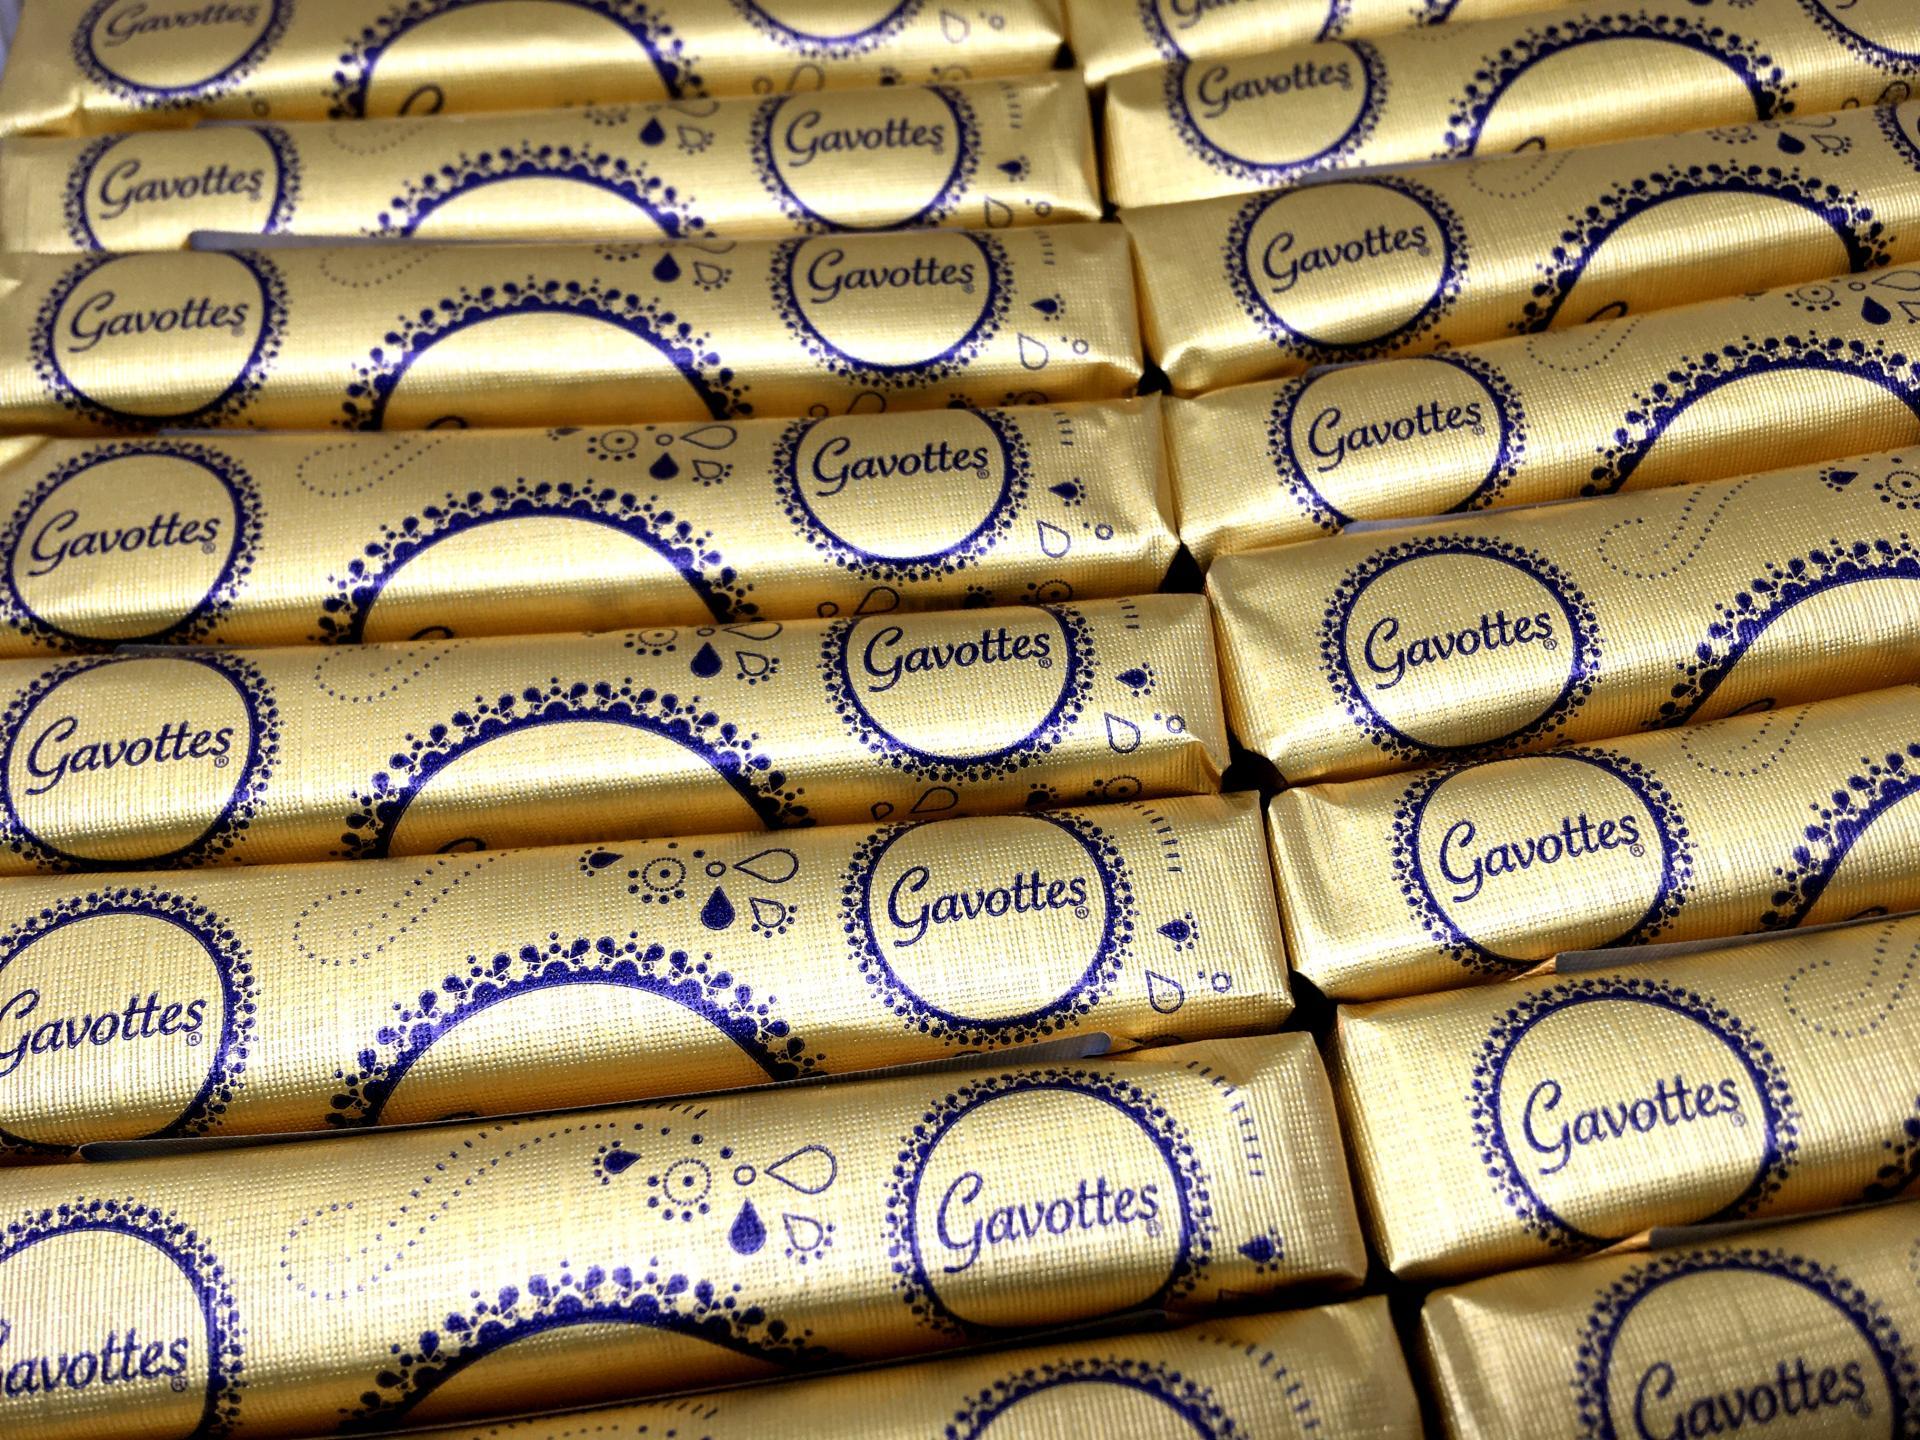 Crepes dentelles gavottes au beurre le lot de 20